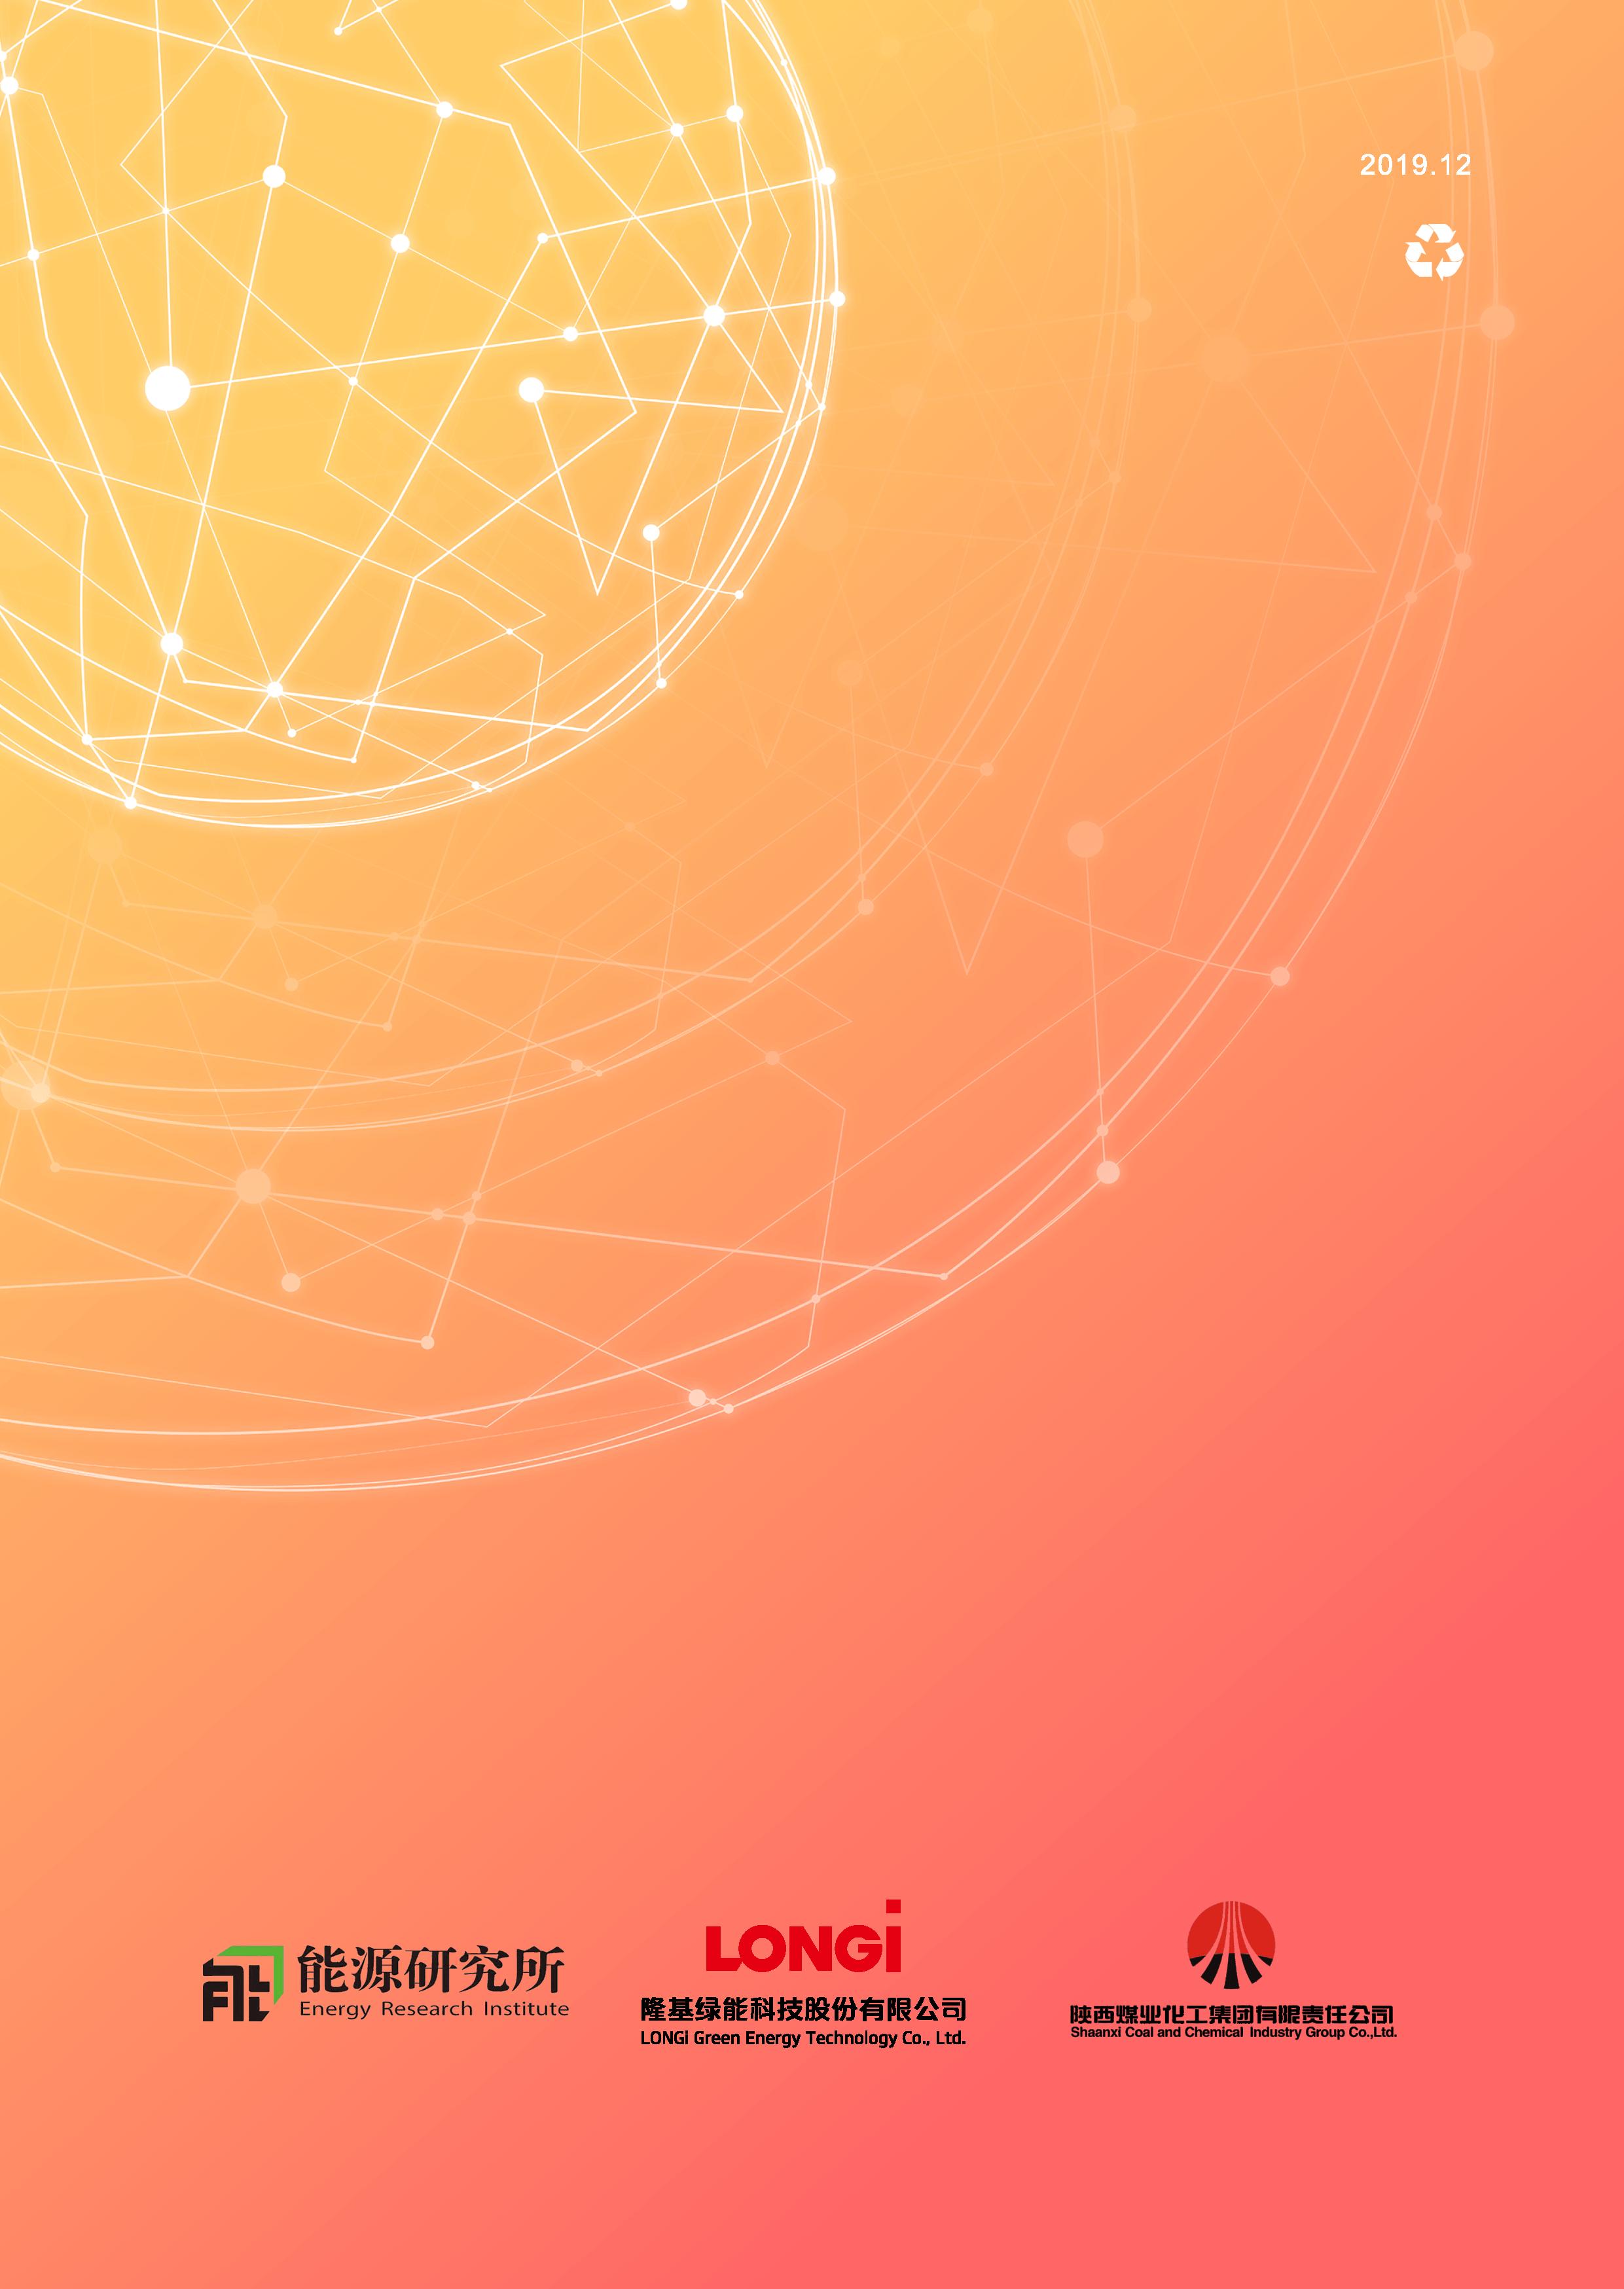 中国2050年光伏发展展望-2019_页面_16